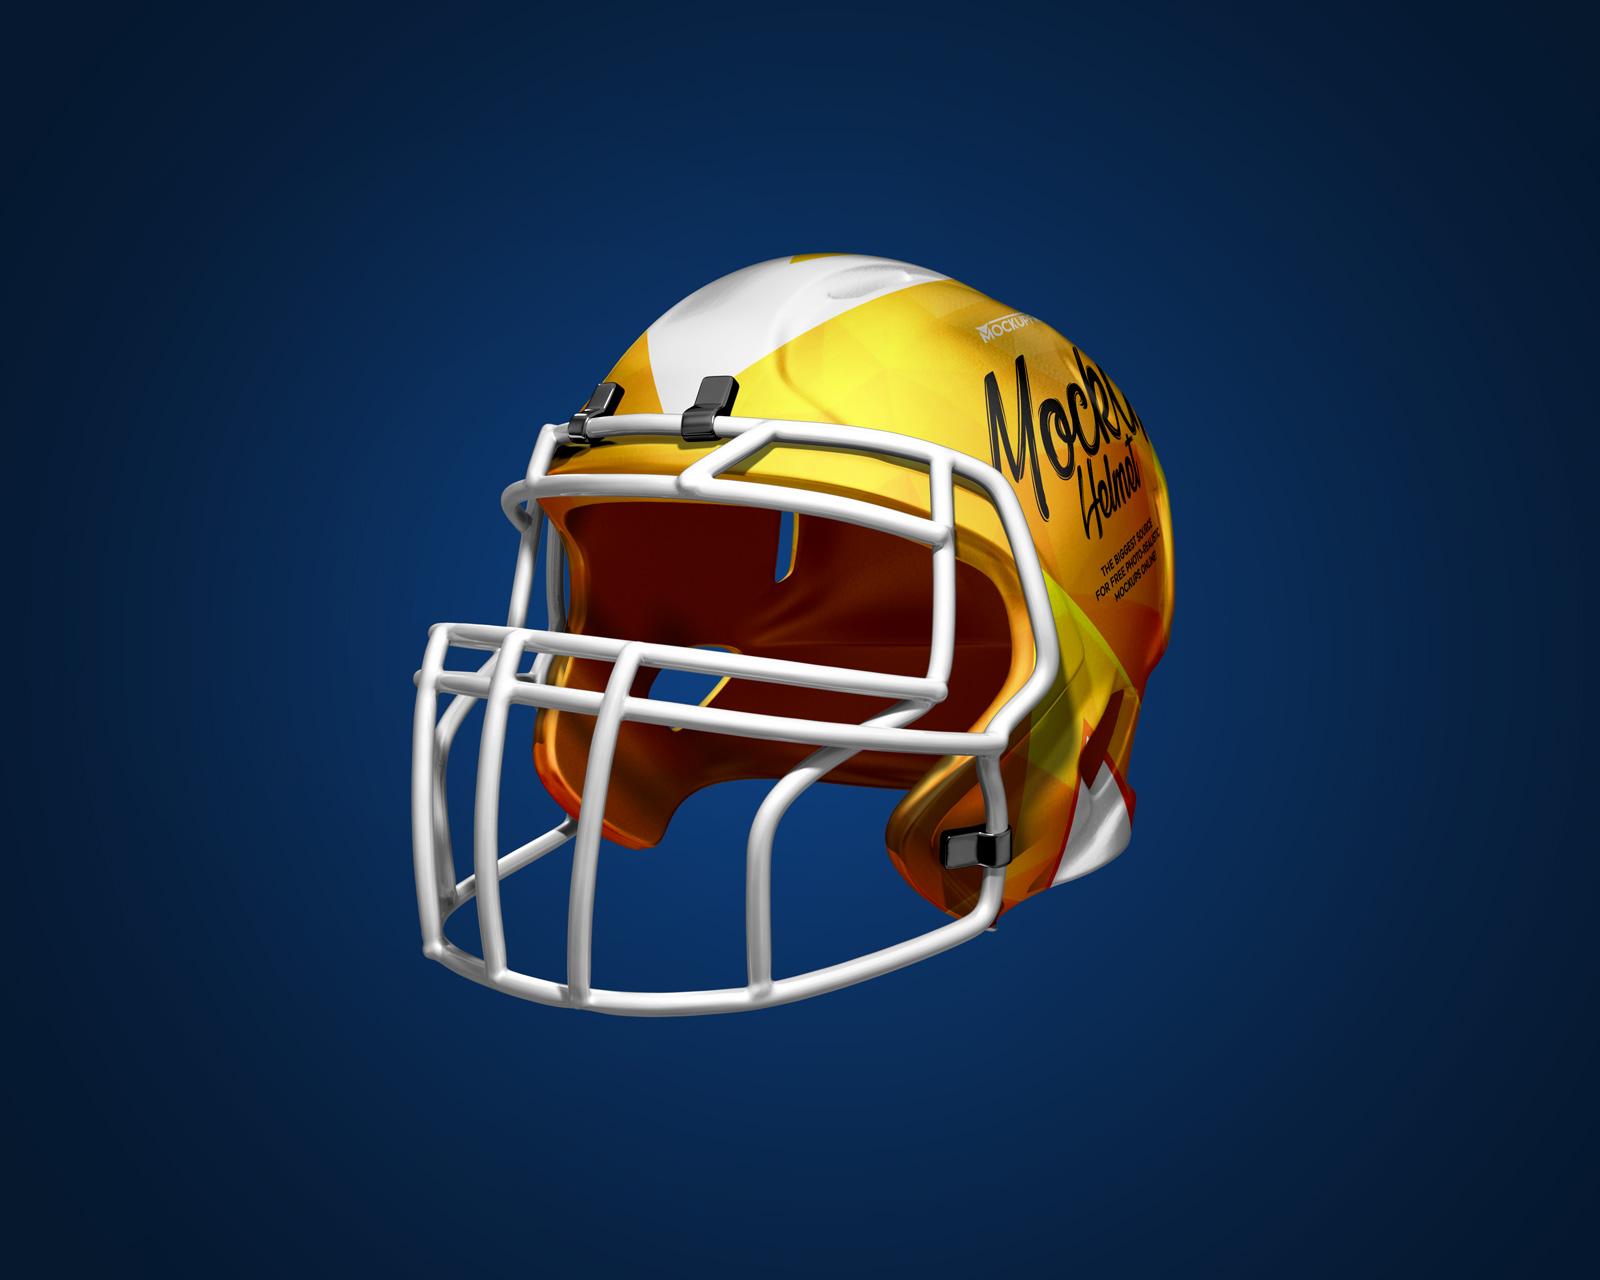 Free-Football-Helmet-Mockup-PSD-Mockup-2